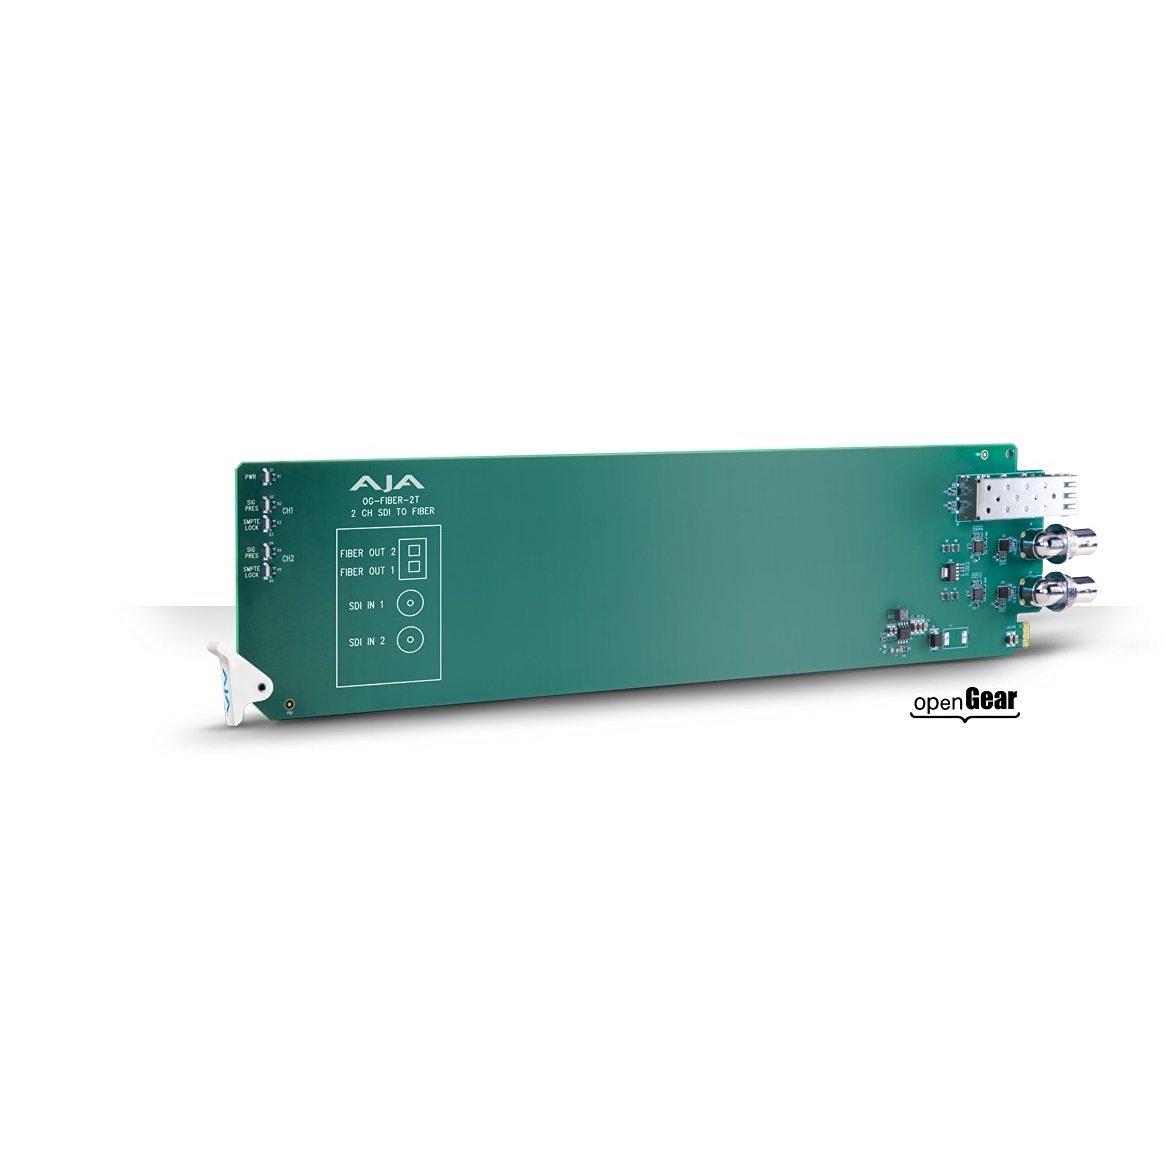 AJA OG-FIBER-2T openGear 2-channel SDI to Fiber Converter (Req 2 slots) (OG-FIBER-2T)